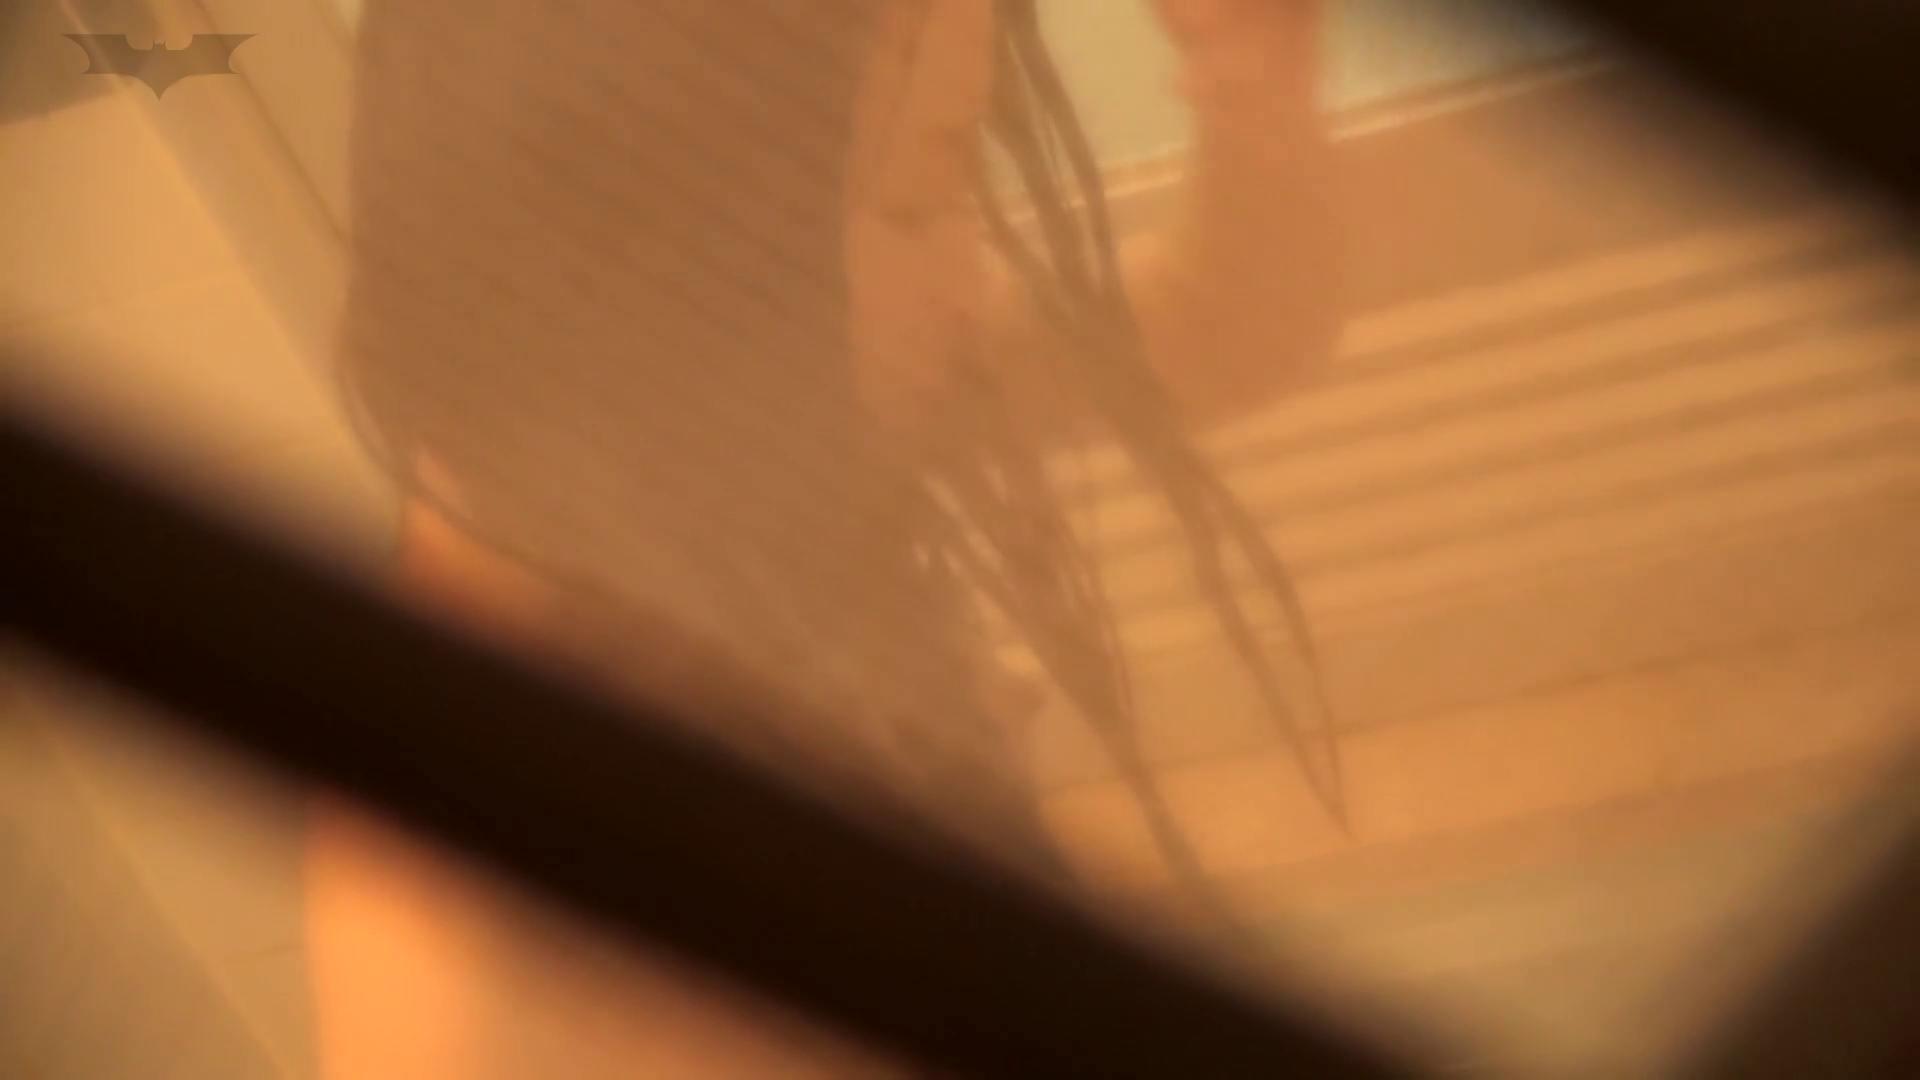 無修正エロ動画|*華の女子寮ノゾキ* vol.03 こないだまでJKだった黒髪炉利っ子。|怪盗ジョーカー